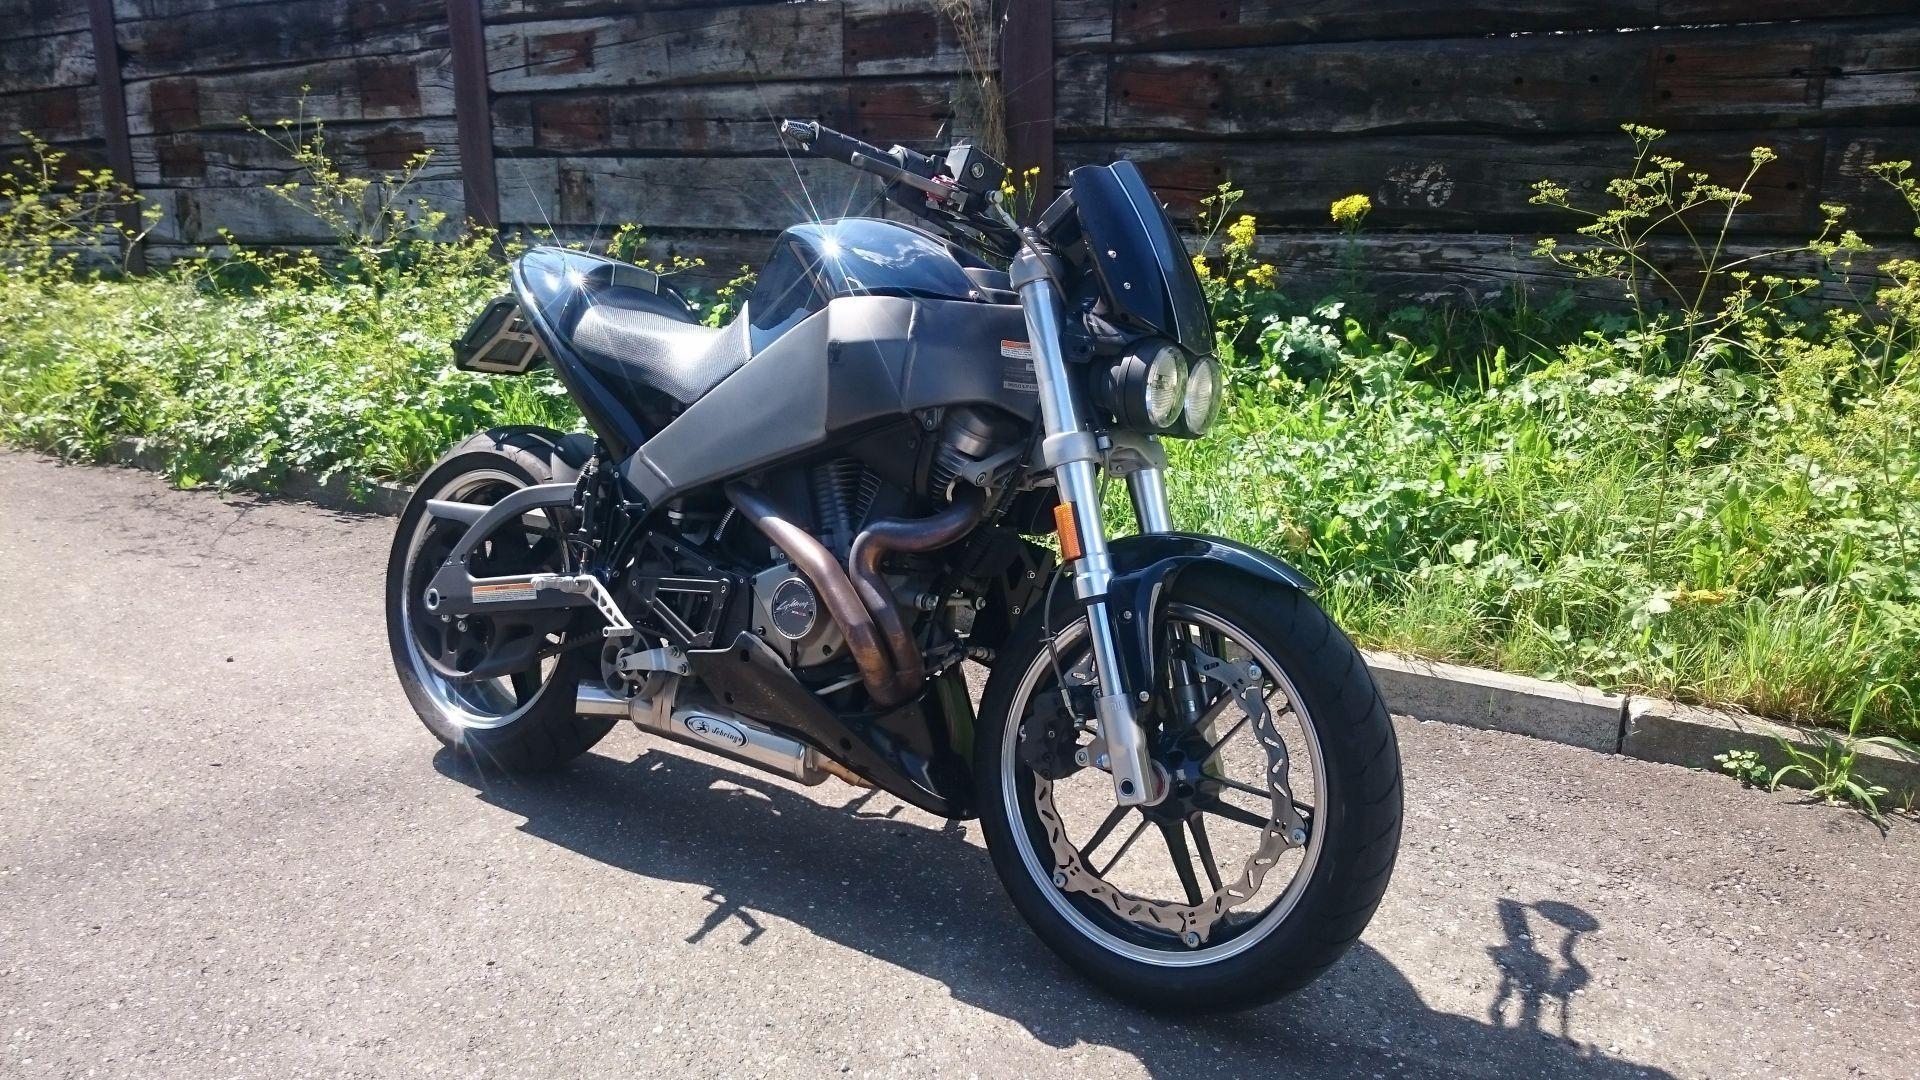 Motorrad Occasion kaufen BUELL XB12S 1200 Lightning Fabis